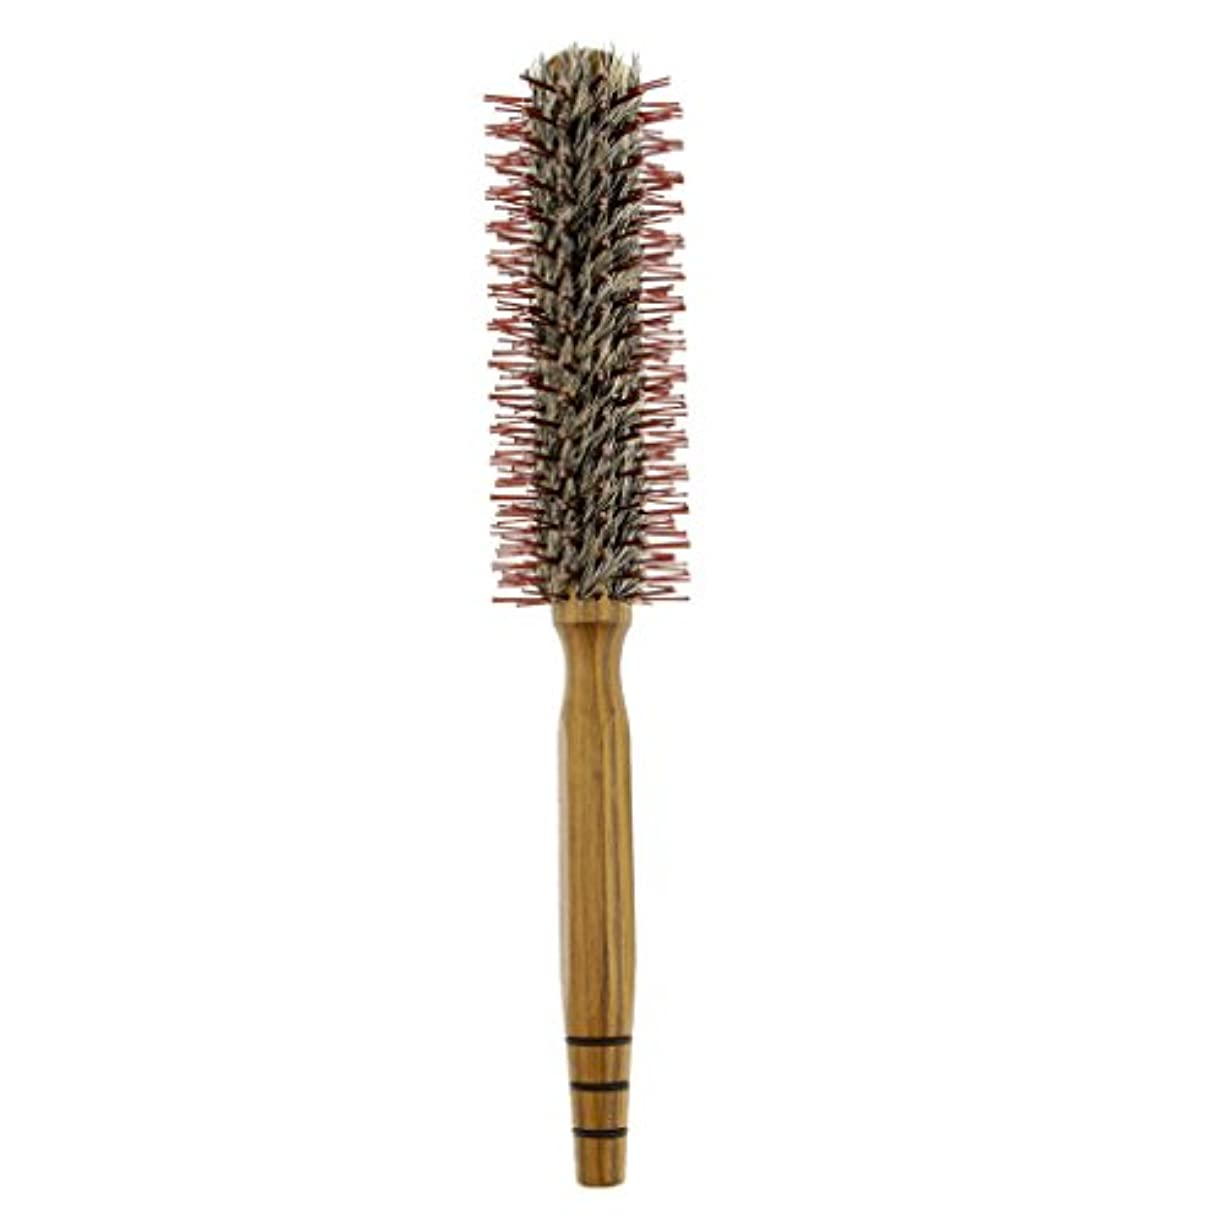 くしゃみ知恵埋め込むロールブラシ ヘアコーム 木製櫛 家庭用 サロン 美容師 3サイズ - M